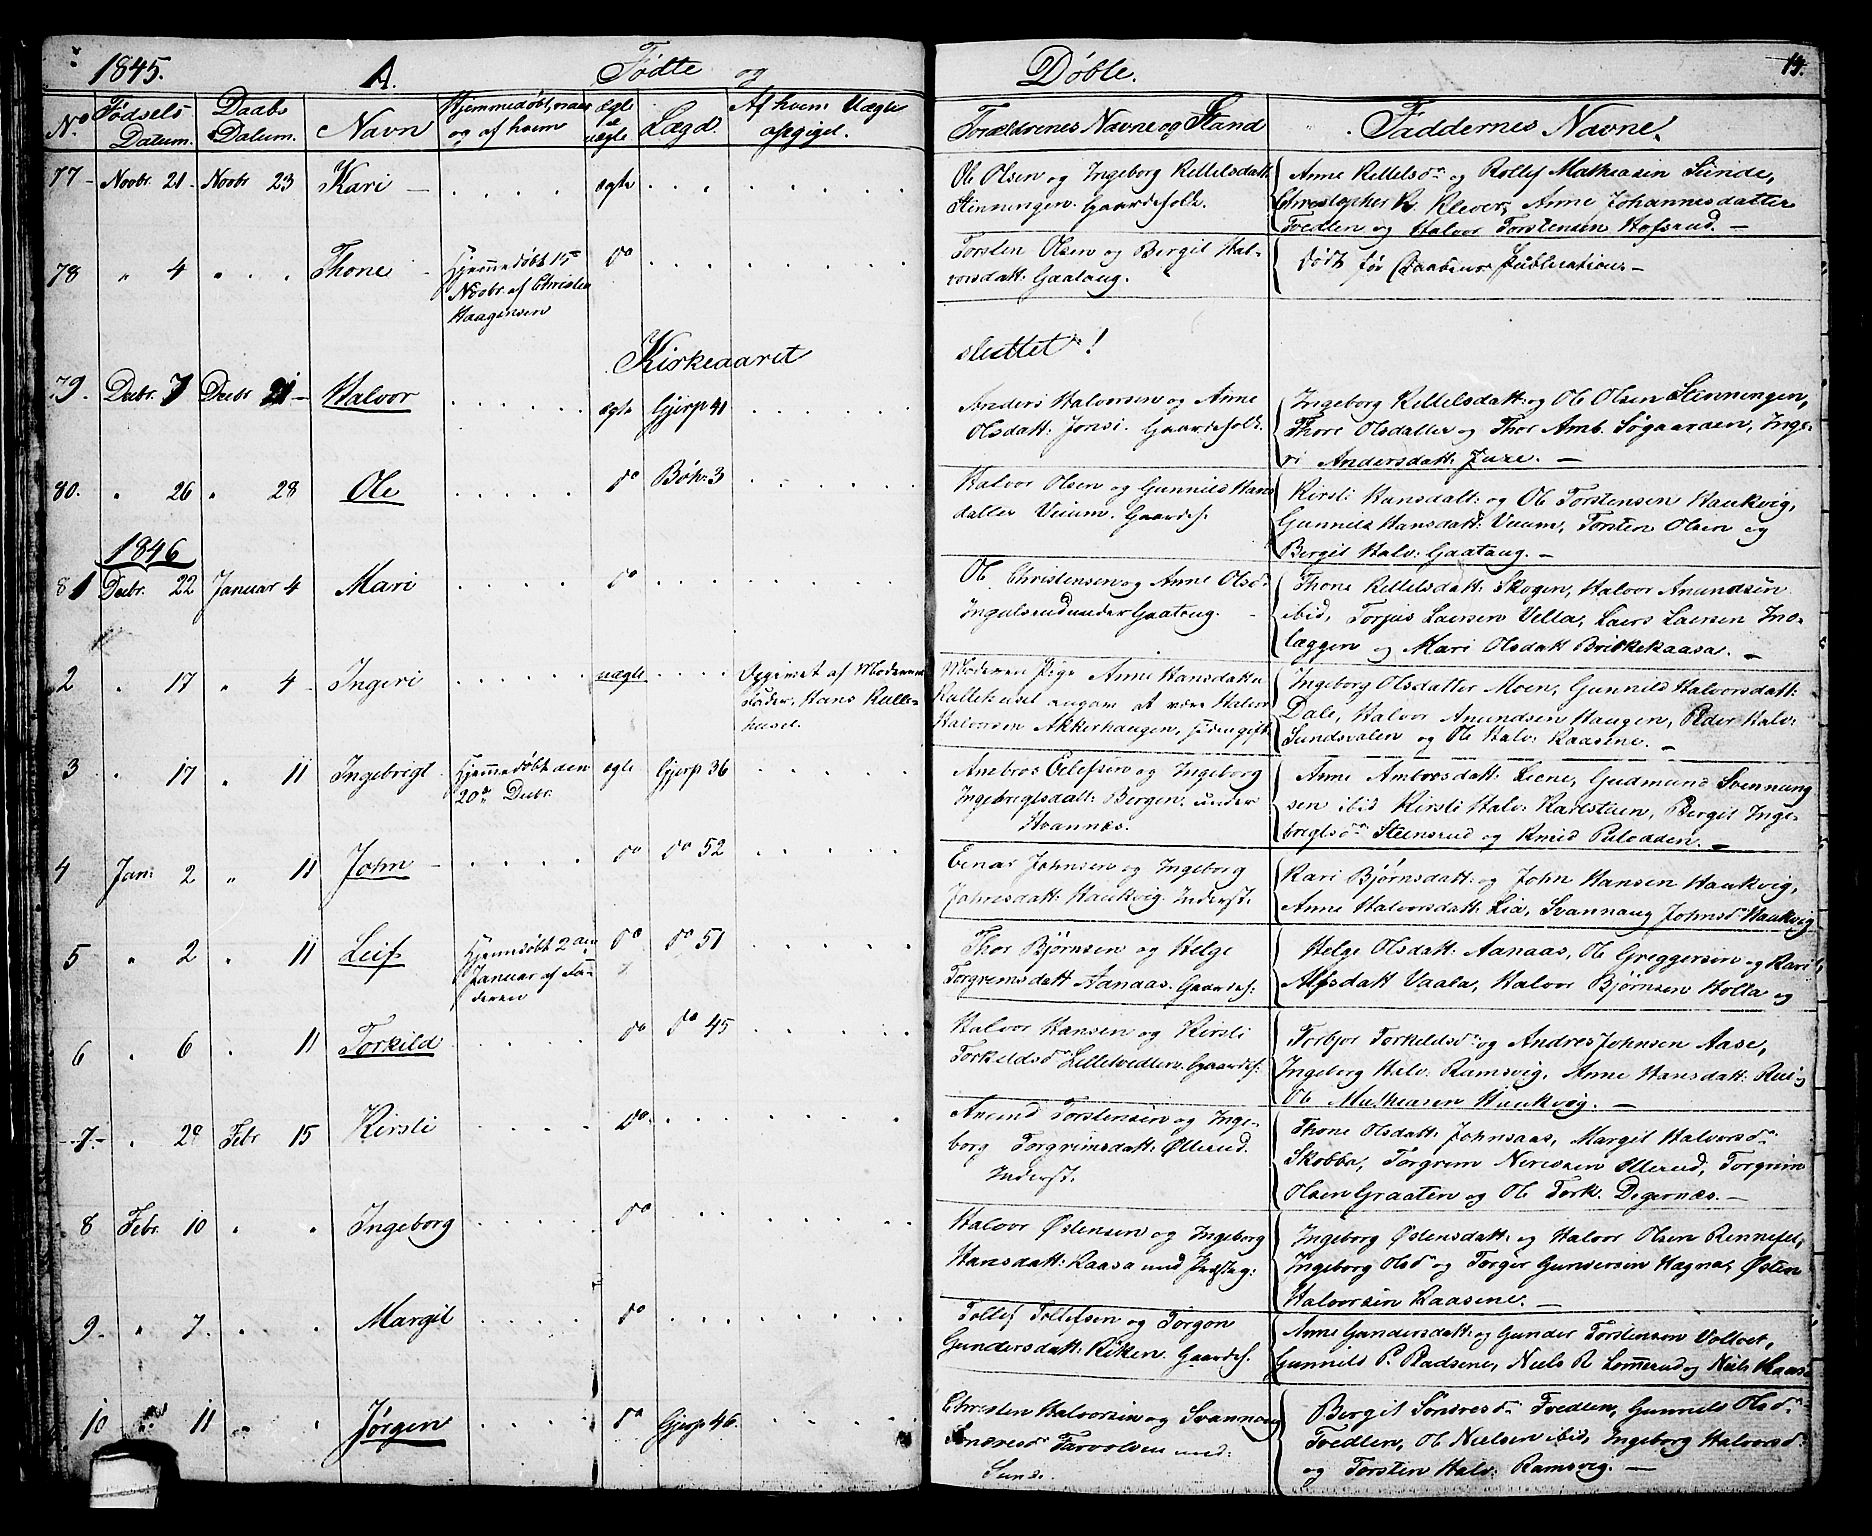 SAKO, Sauherad kirkebøker, G/Ga/L0002: Klokkerbok nr. I 2, 1842-1866, s. 14